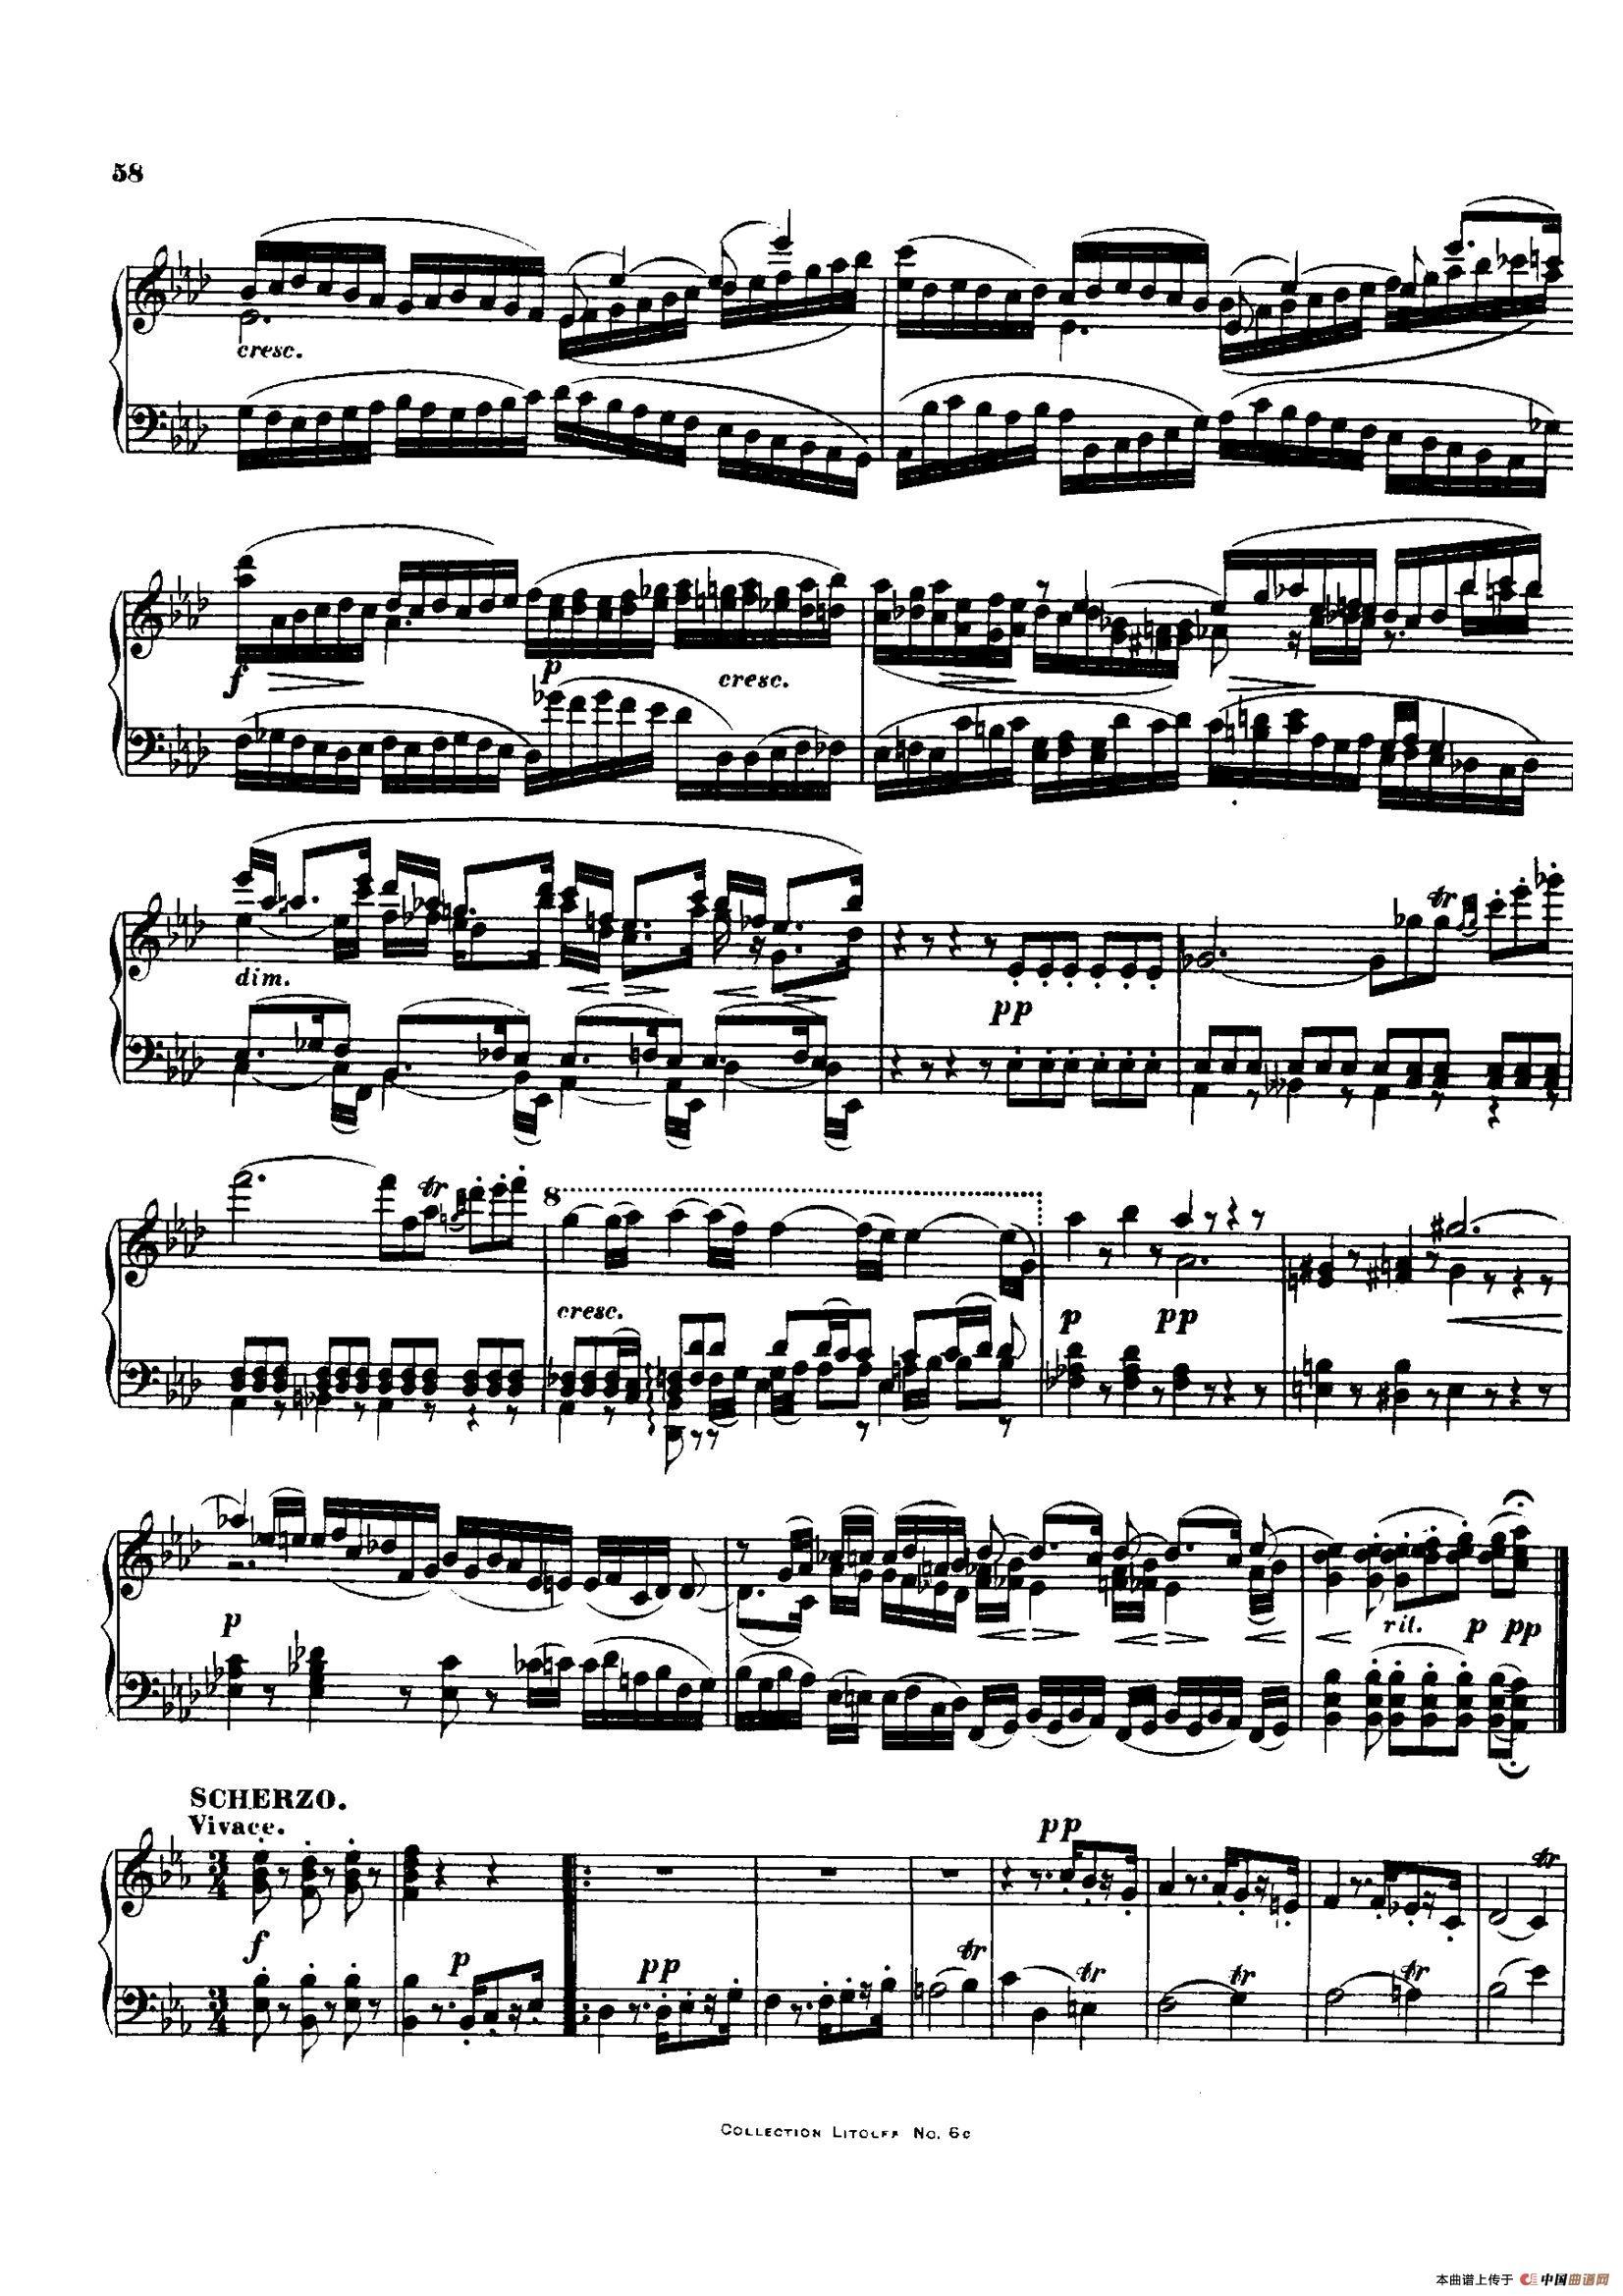 降E大调第十二弦乐四重奏(钢琴独奏版)(1)_原文件名:013.jpg